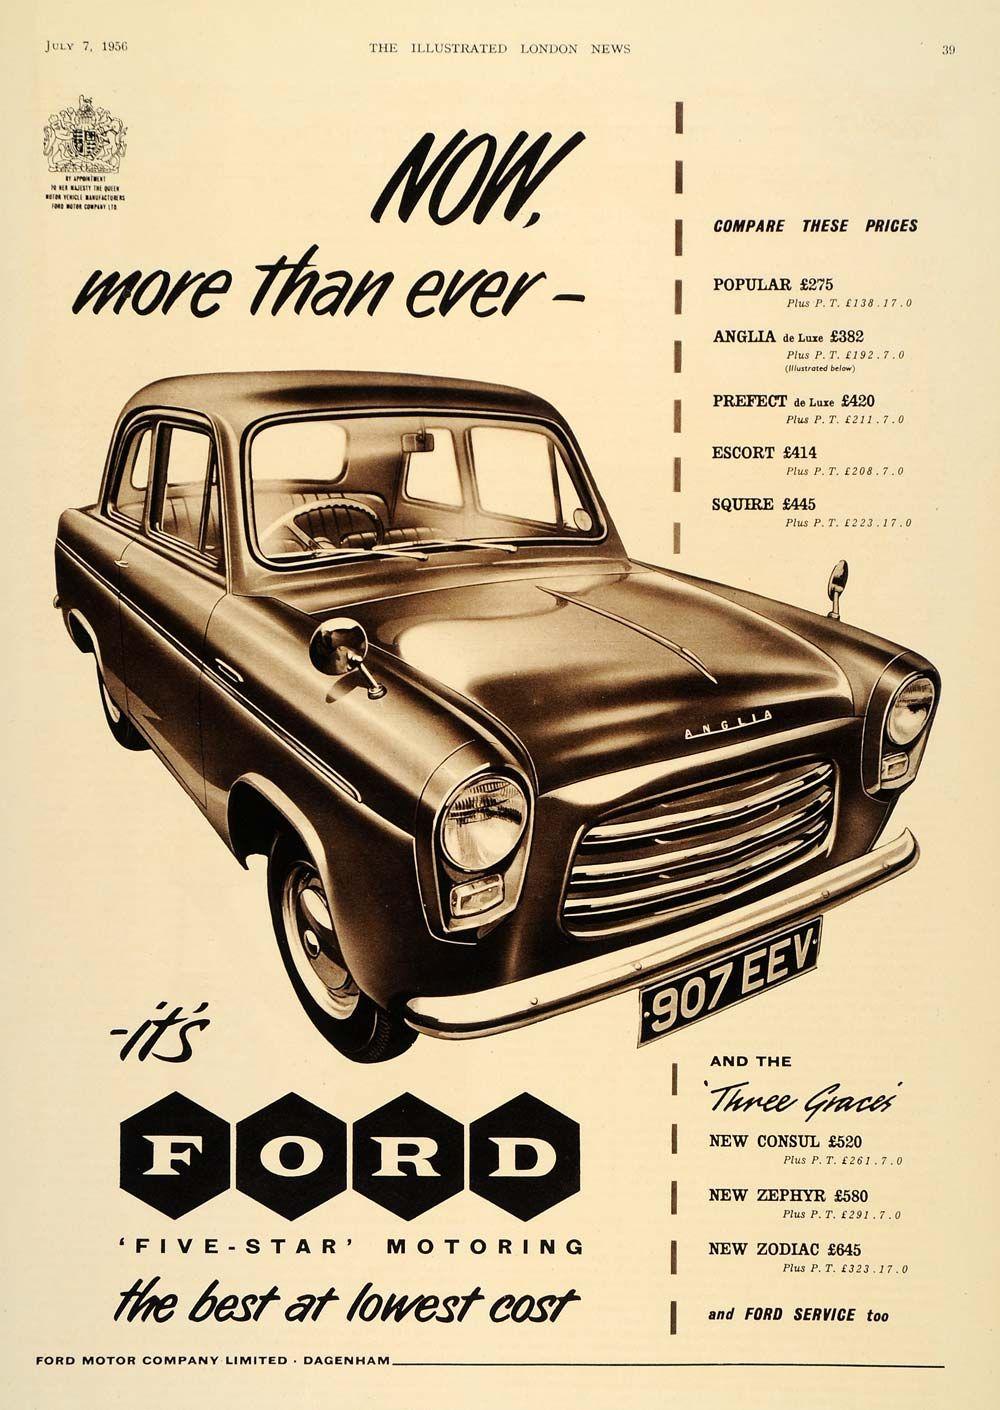 1956 Ad British Ford Anglia Car Automobile Dagenham Like How A